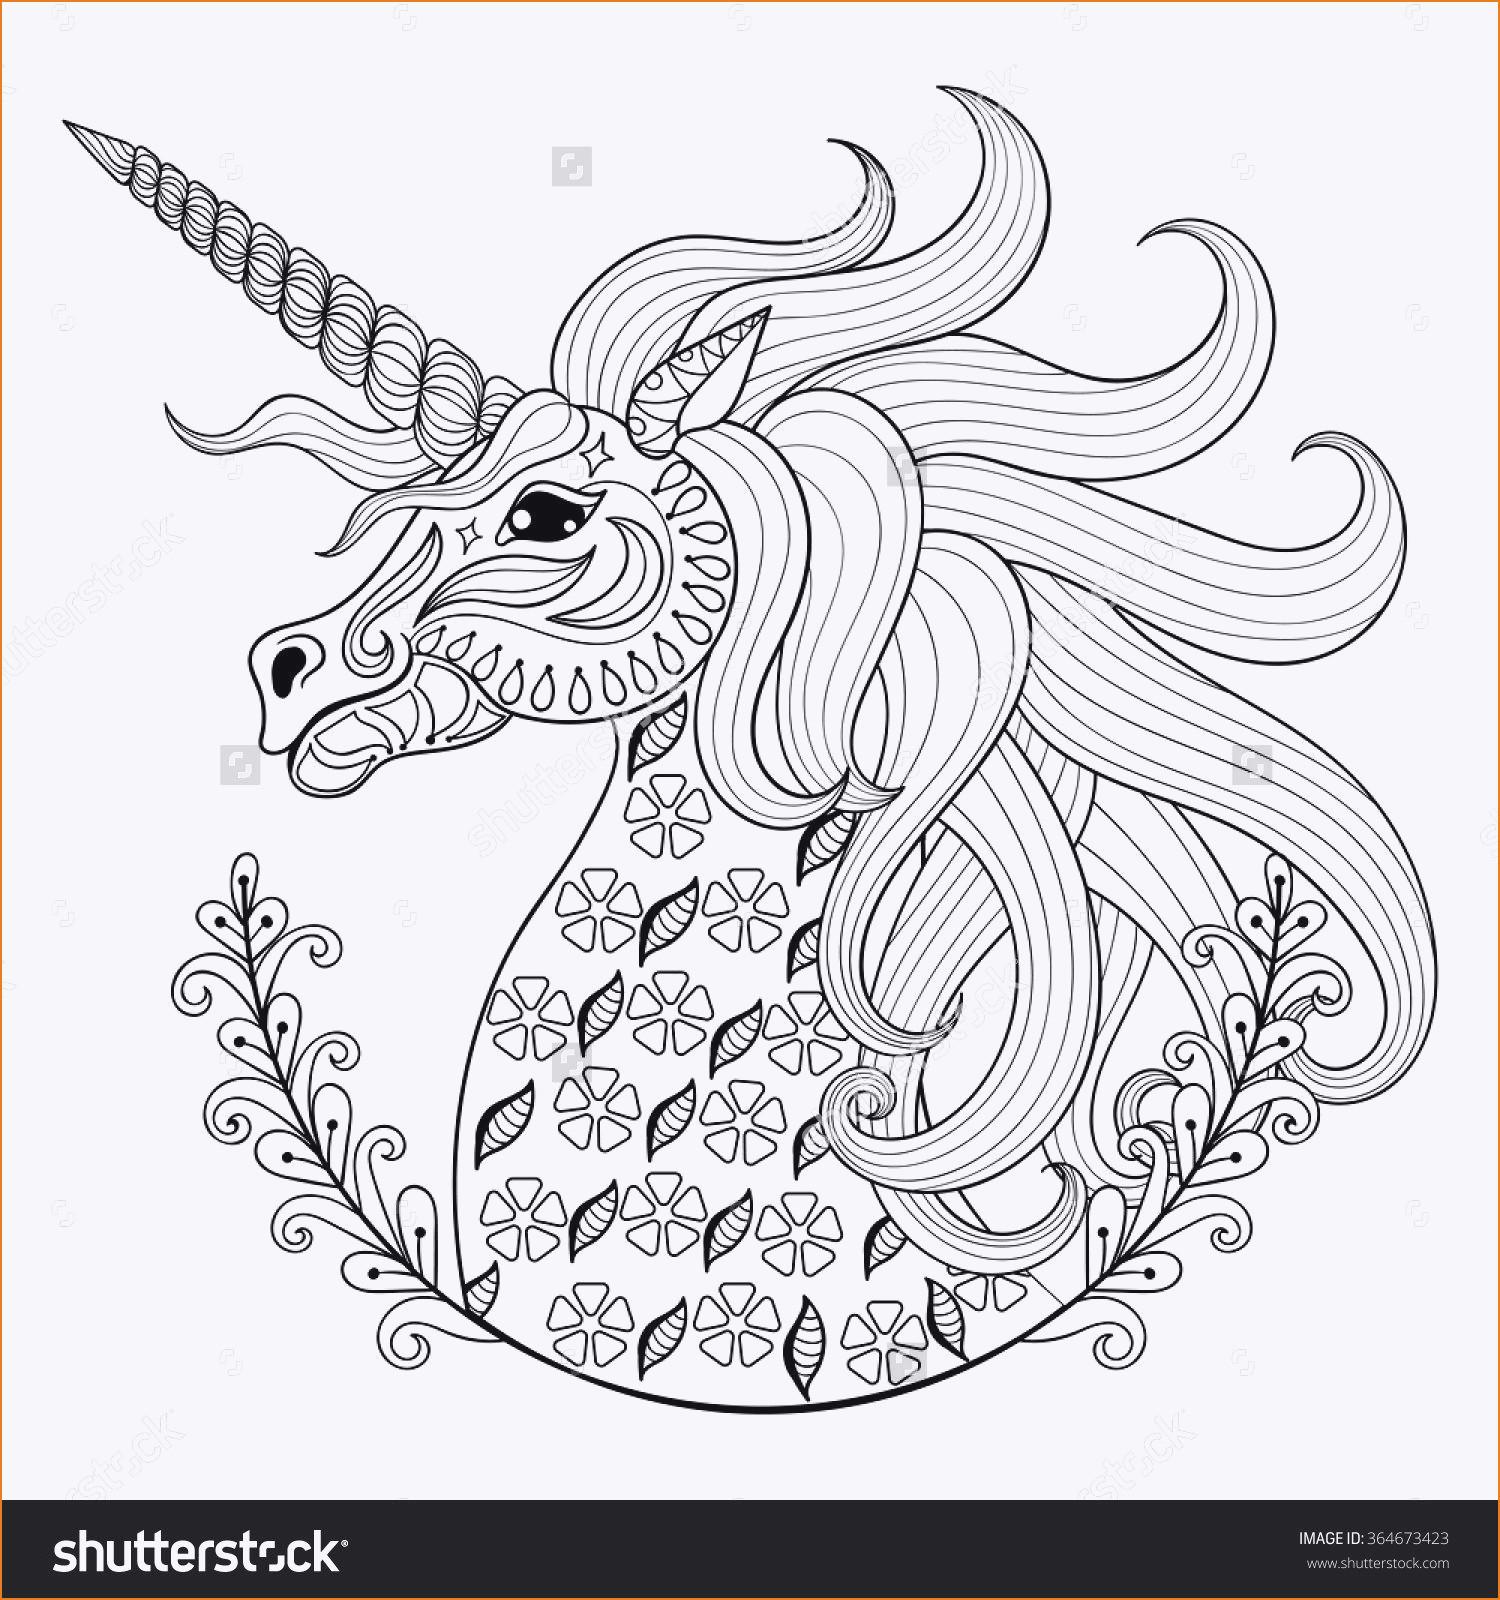 Hello Kitty Ausmalbild Genial Ausmalbilder Fantasie Tiere Elegant 27 Awesome Fantasy Dragon Best Galerie